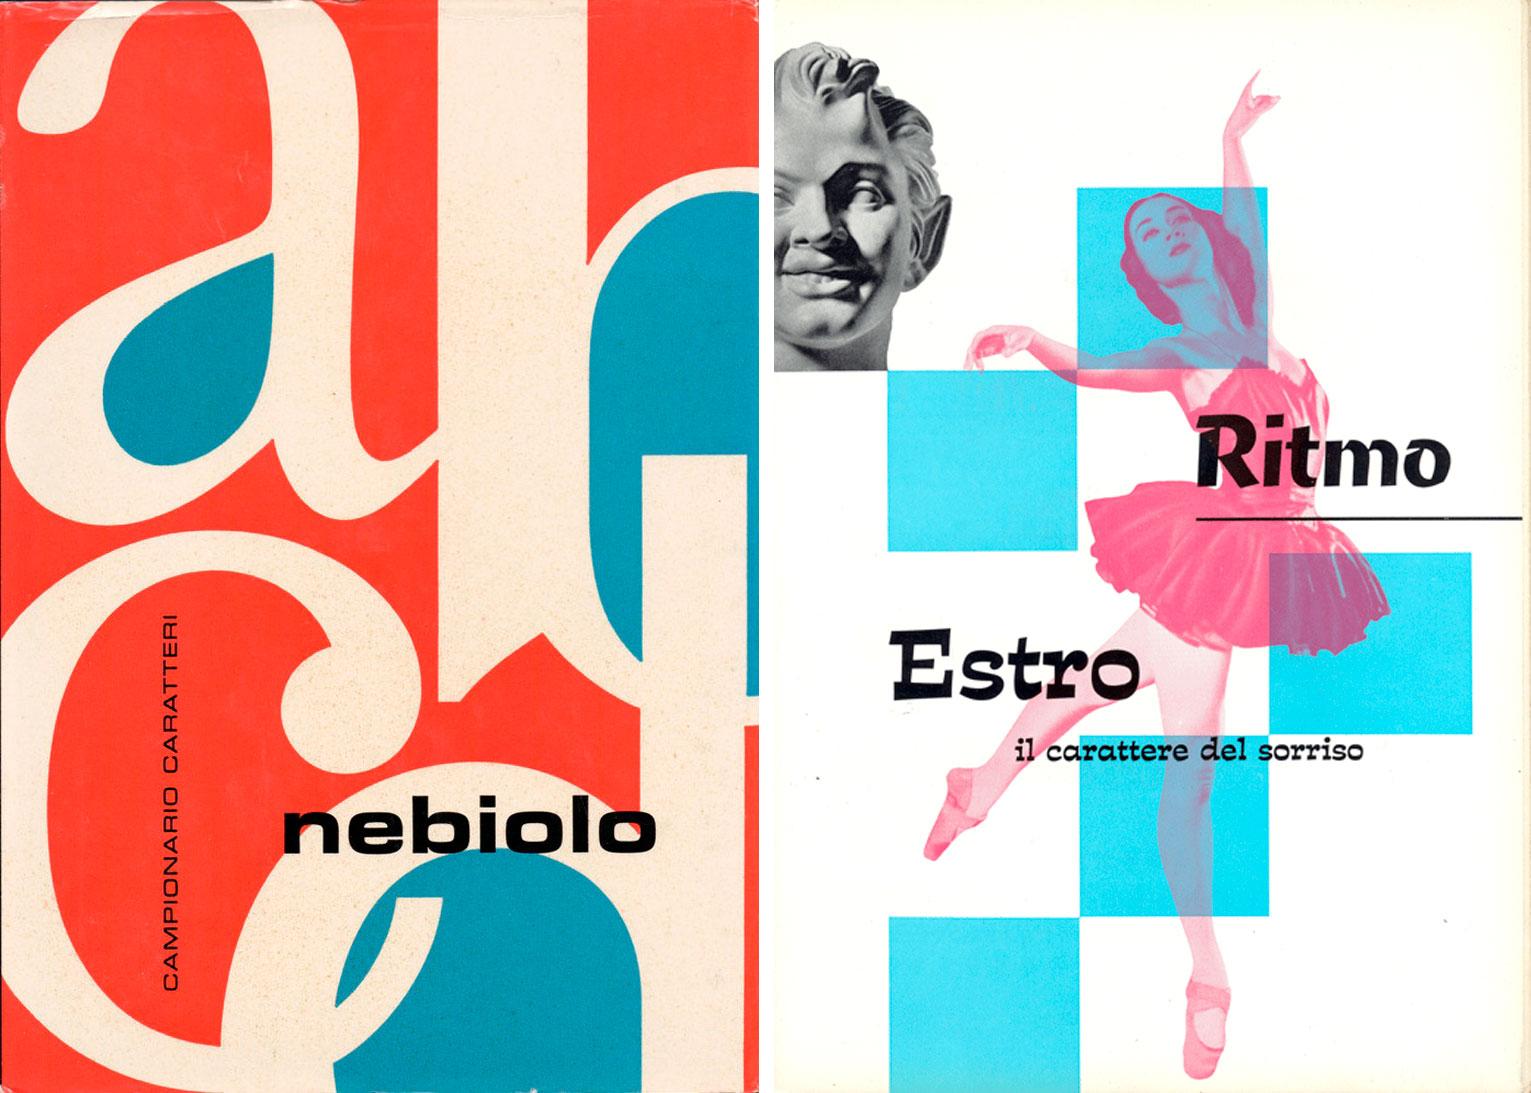 Aldo-Novarese-specimen-ritmo-estro-Nebiolo